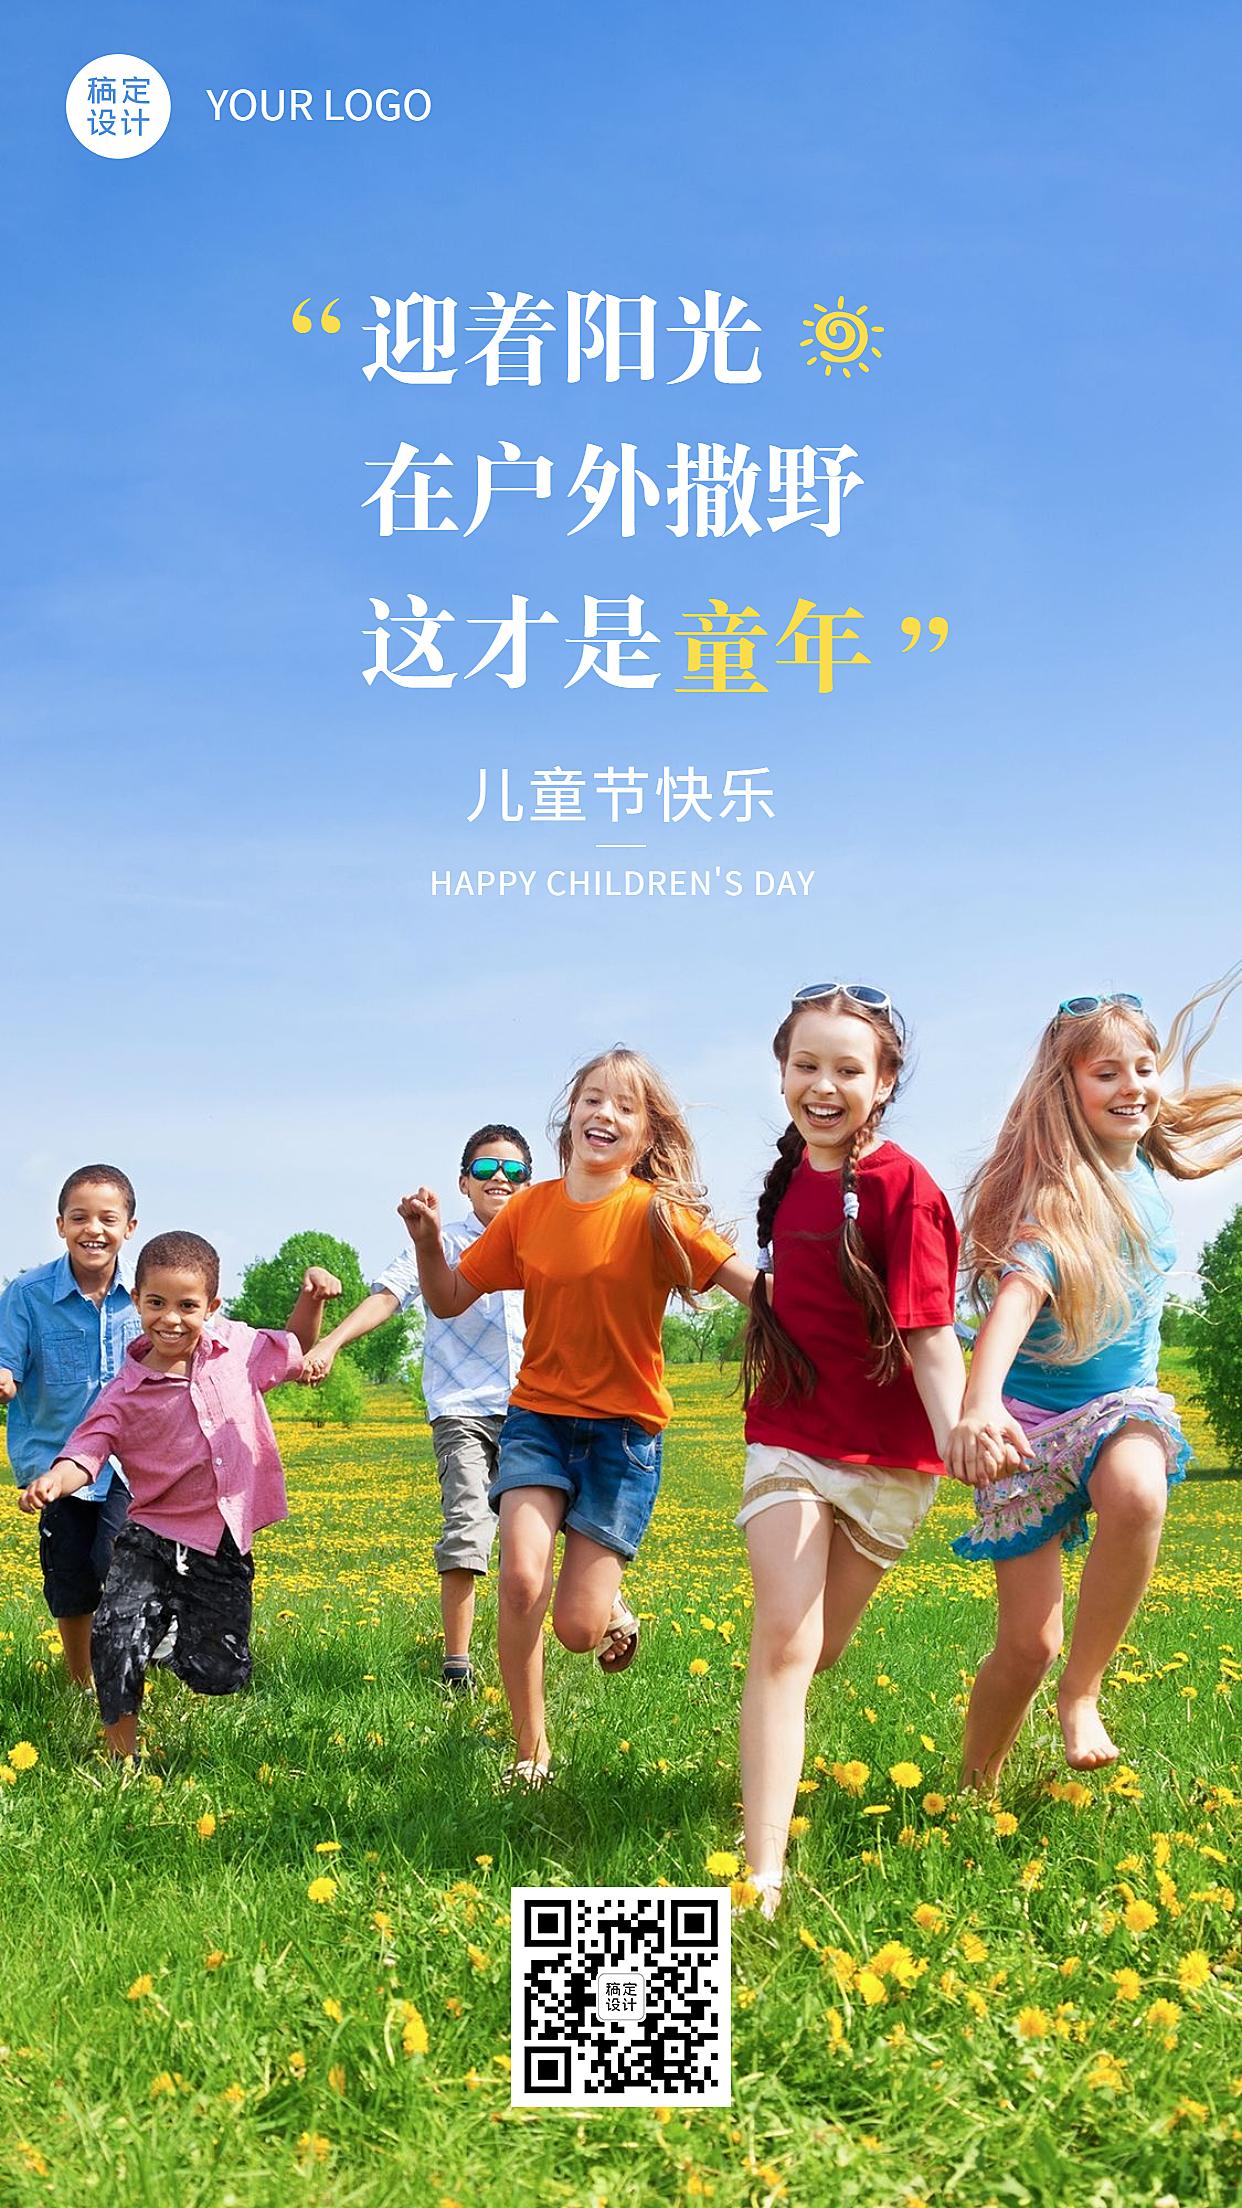 儿童节节日问候旅游手机海报